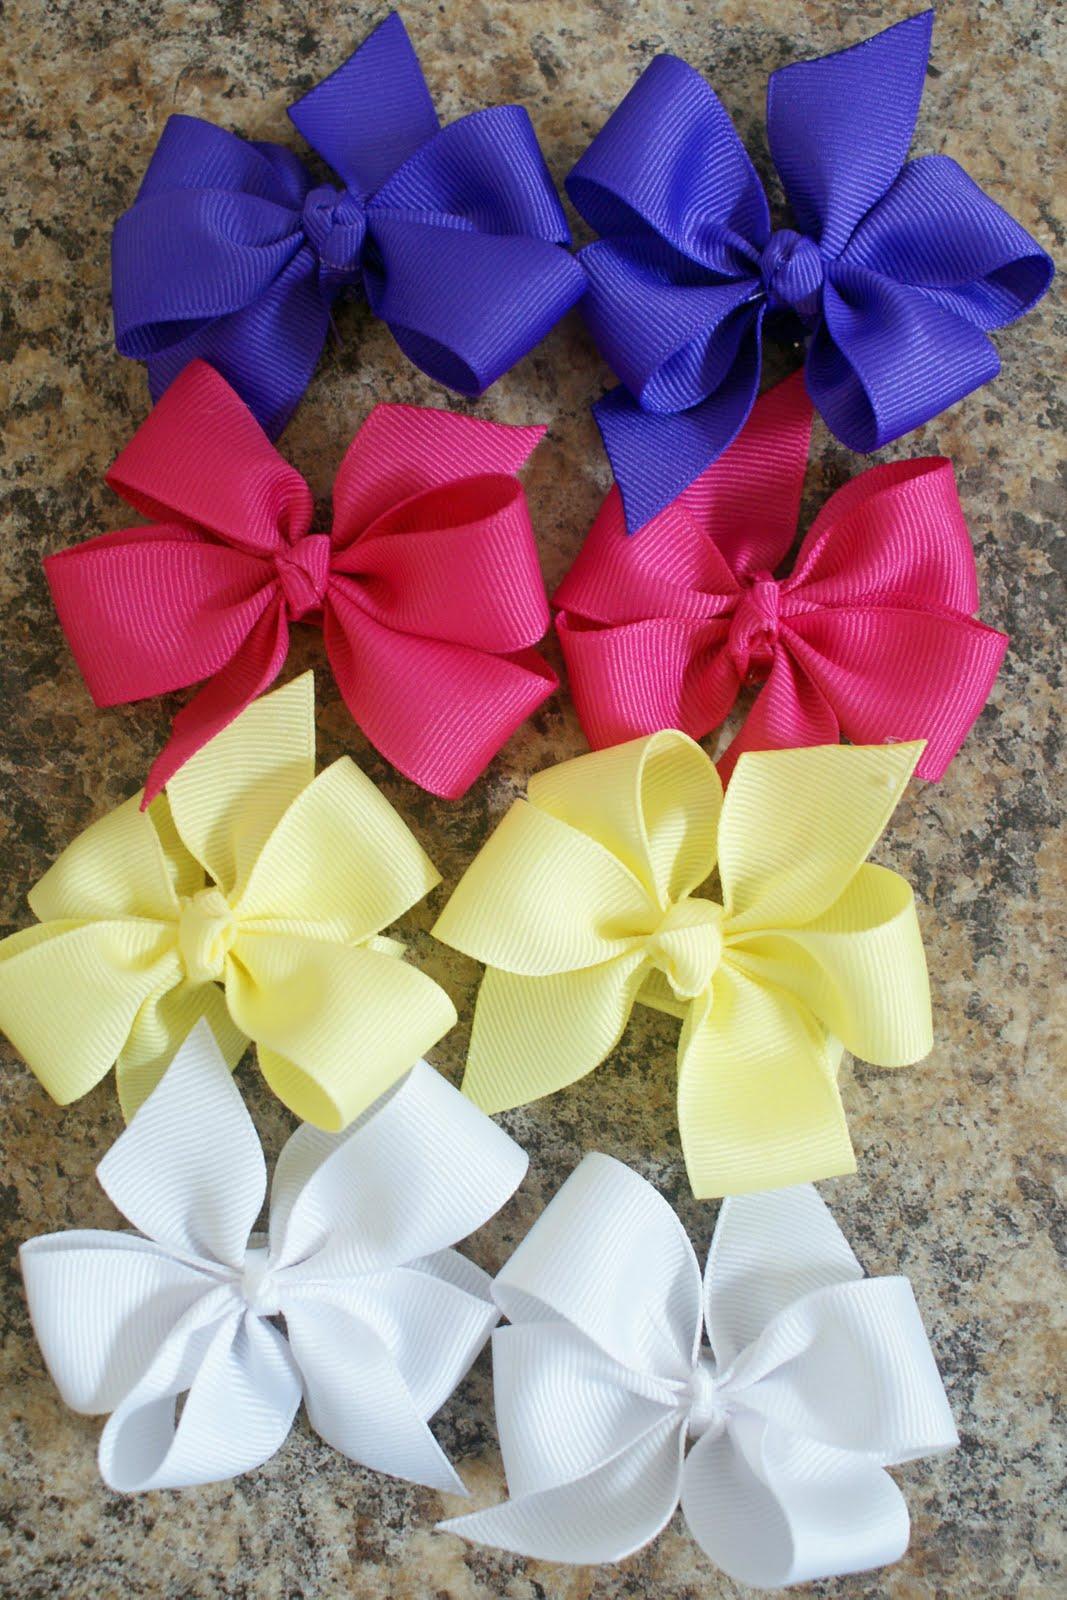 7 ways to make bows!